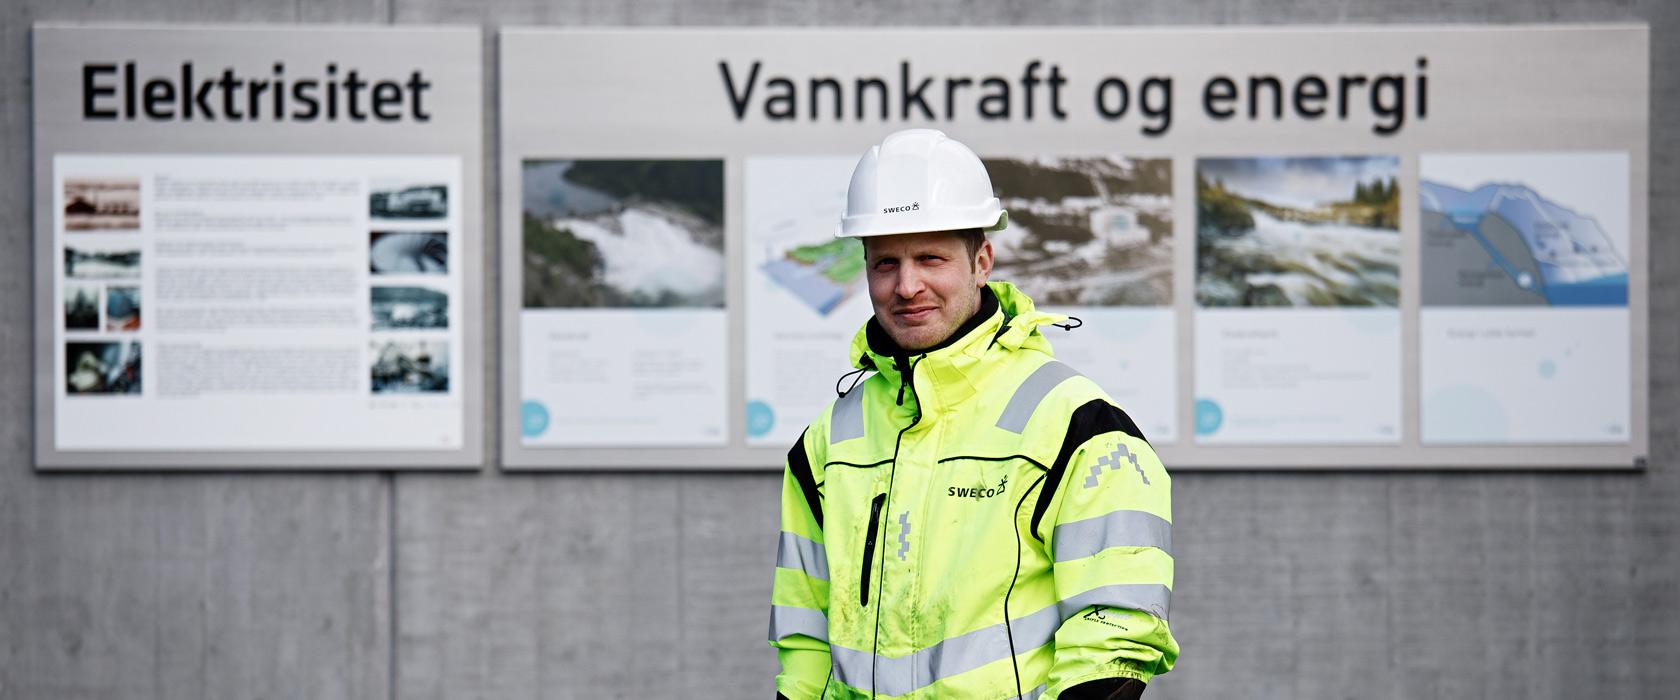 Bilde av rådgiver foran skilt hvor det står vannkraft og energi.